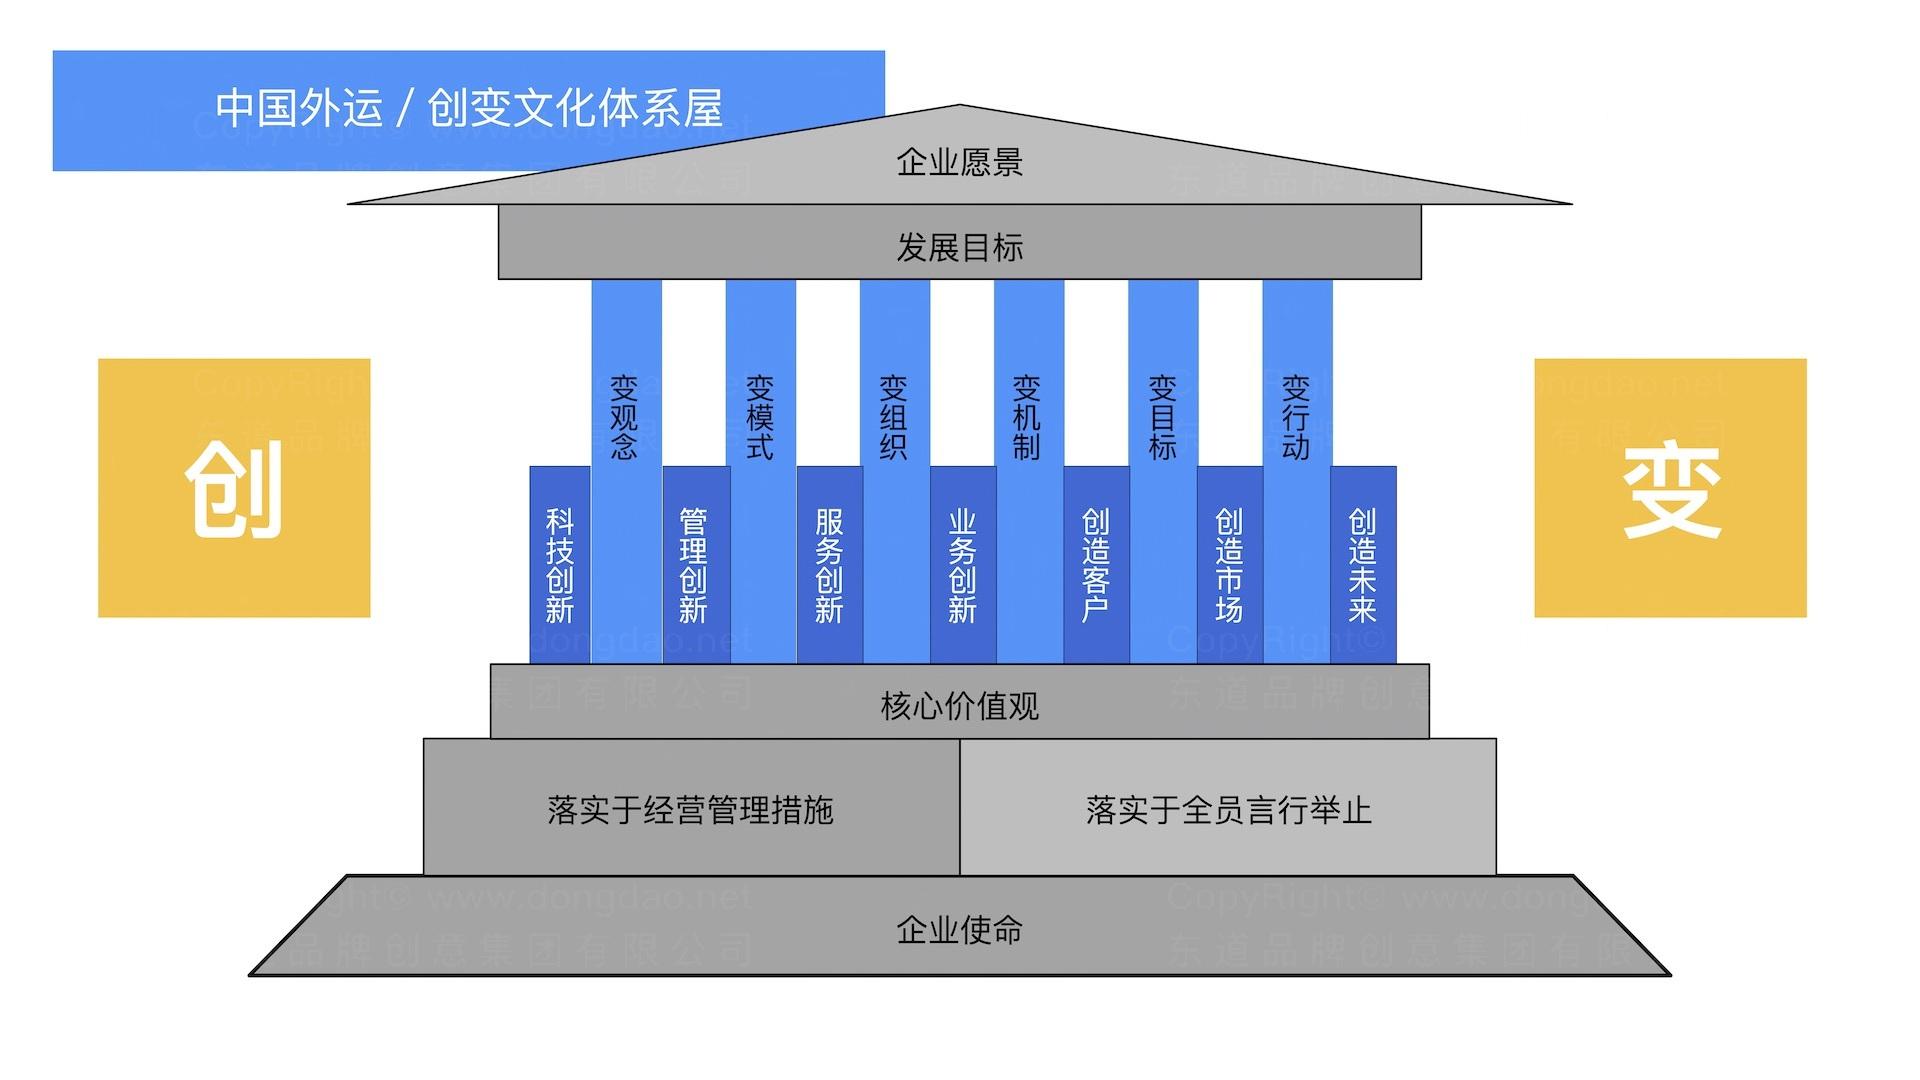 品牌战略&企业文化中国外运企业文化落地项目企业文化手册应用